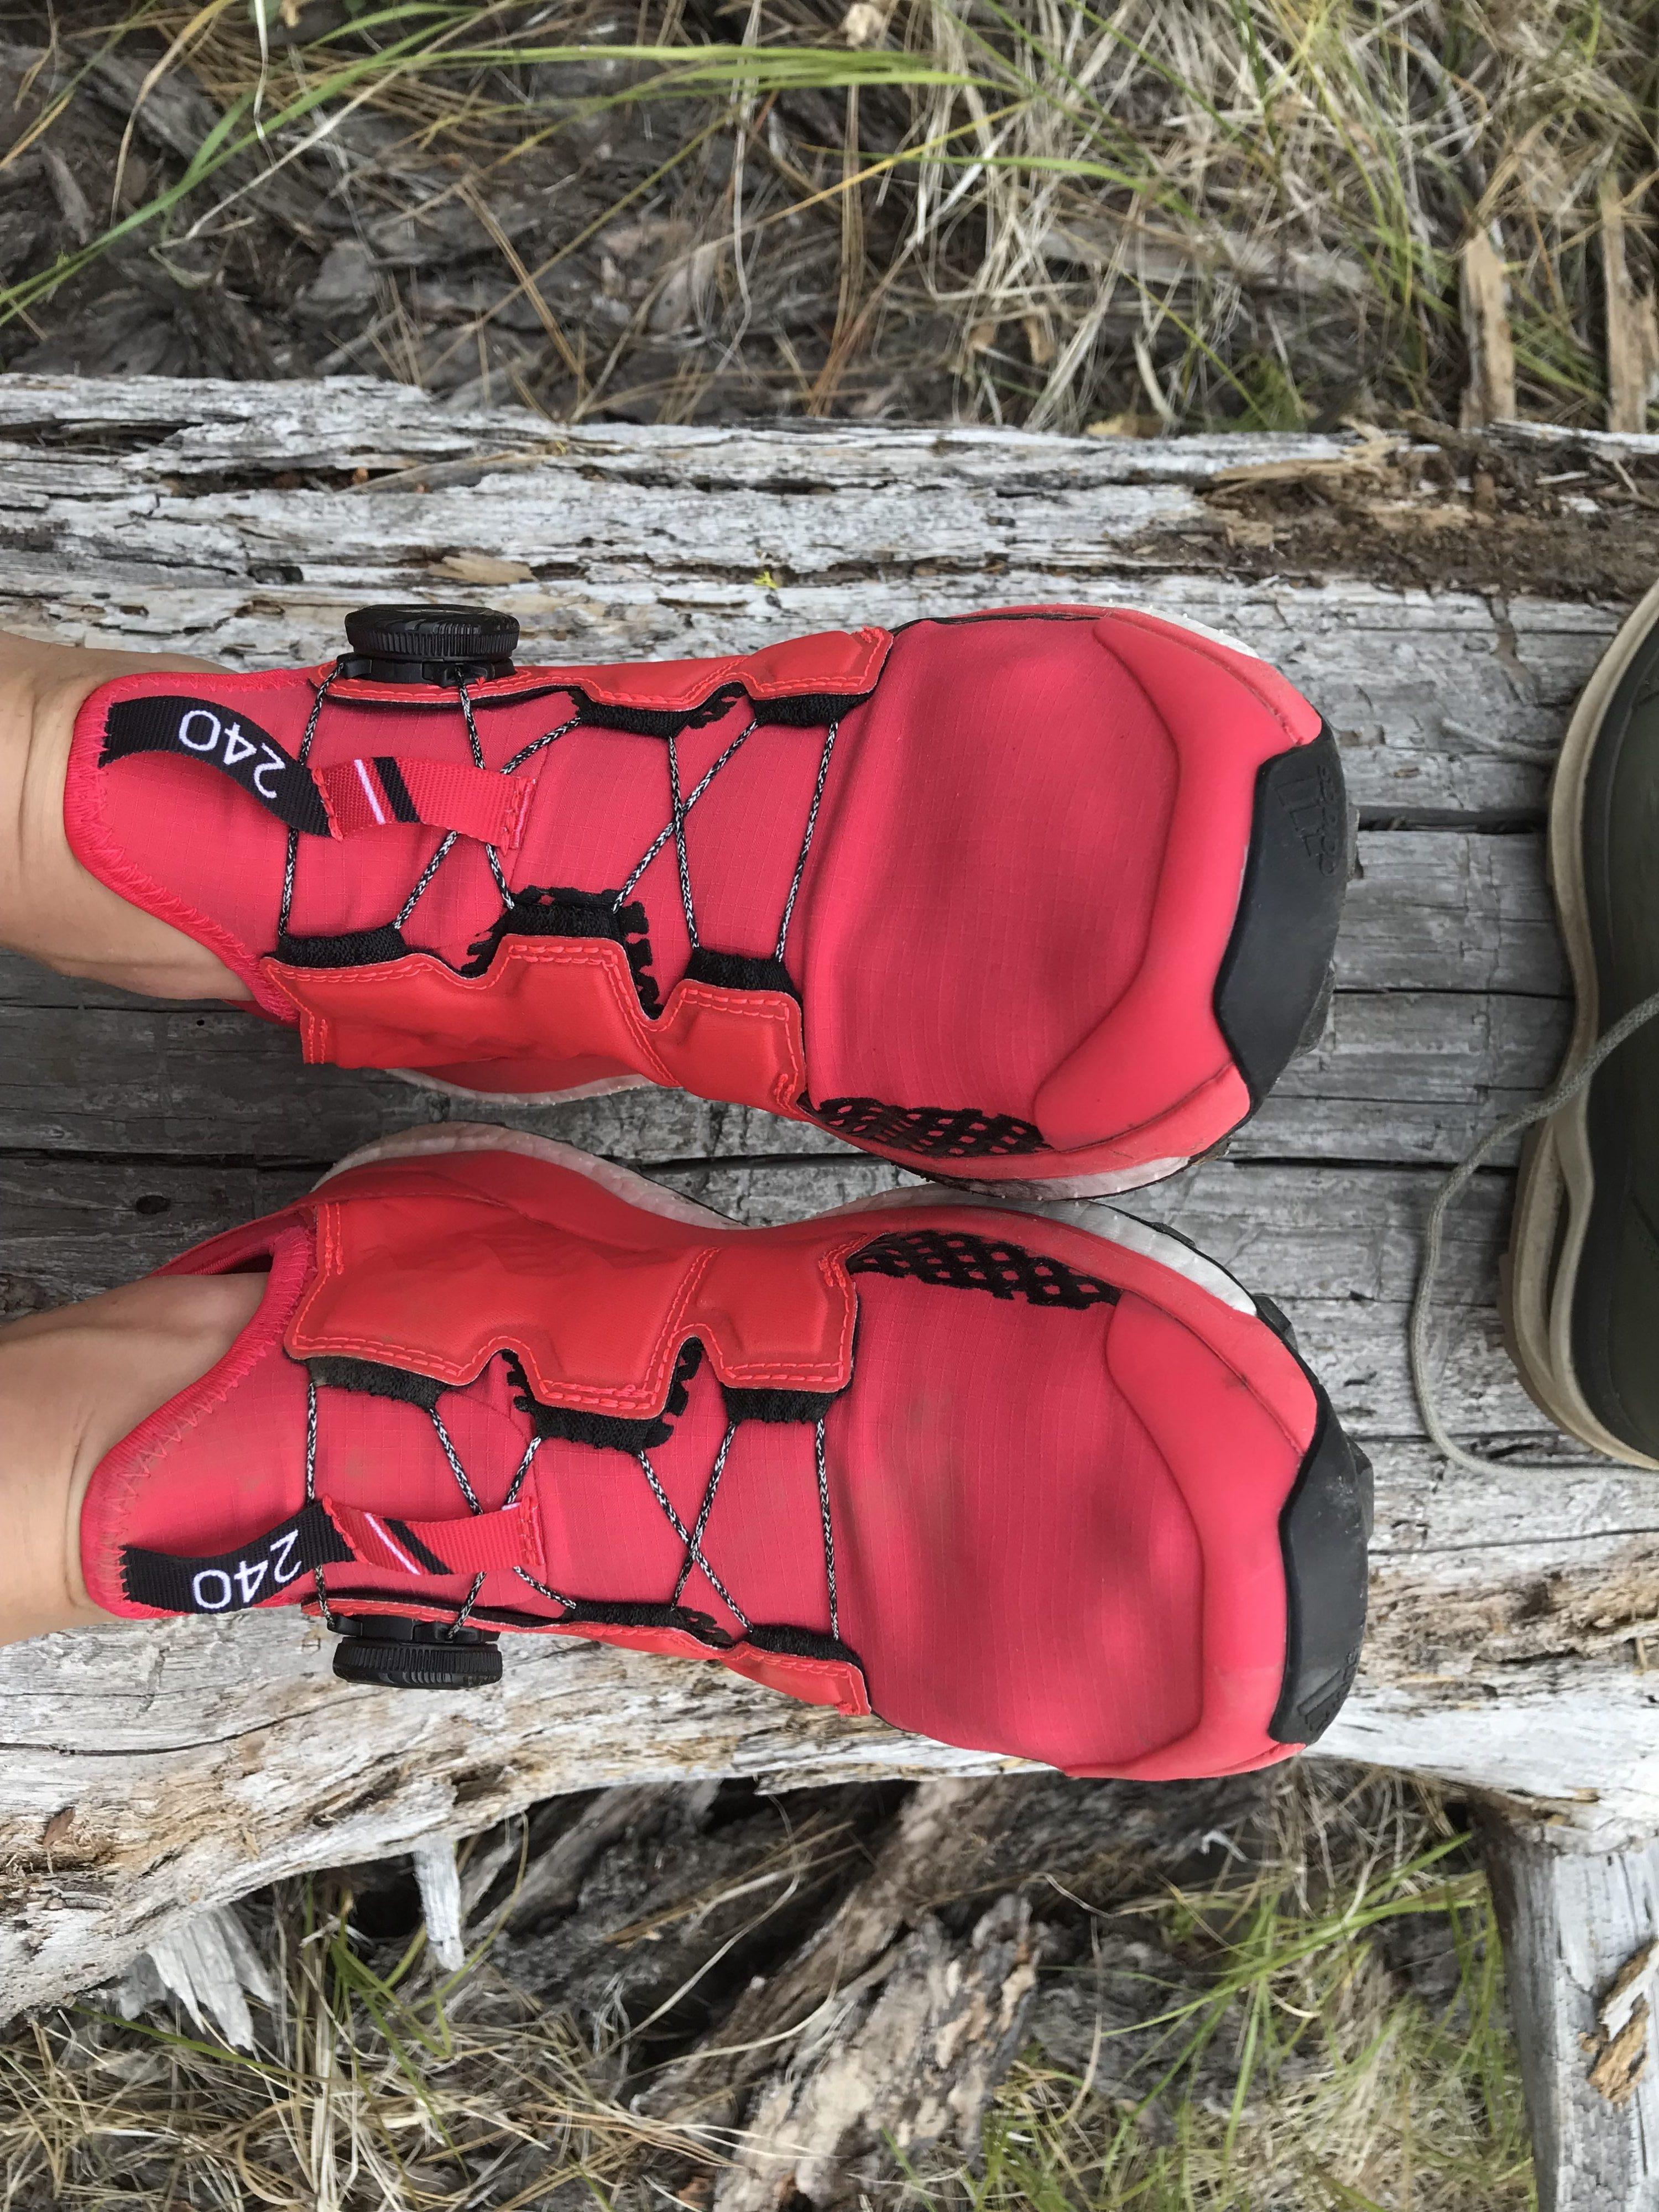 Adidas: 3 Apparel Items for the Adventurer